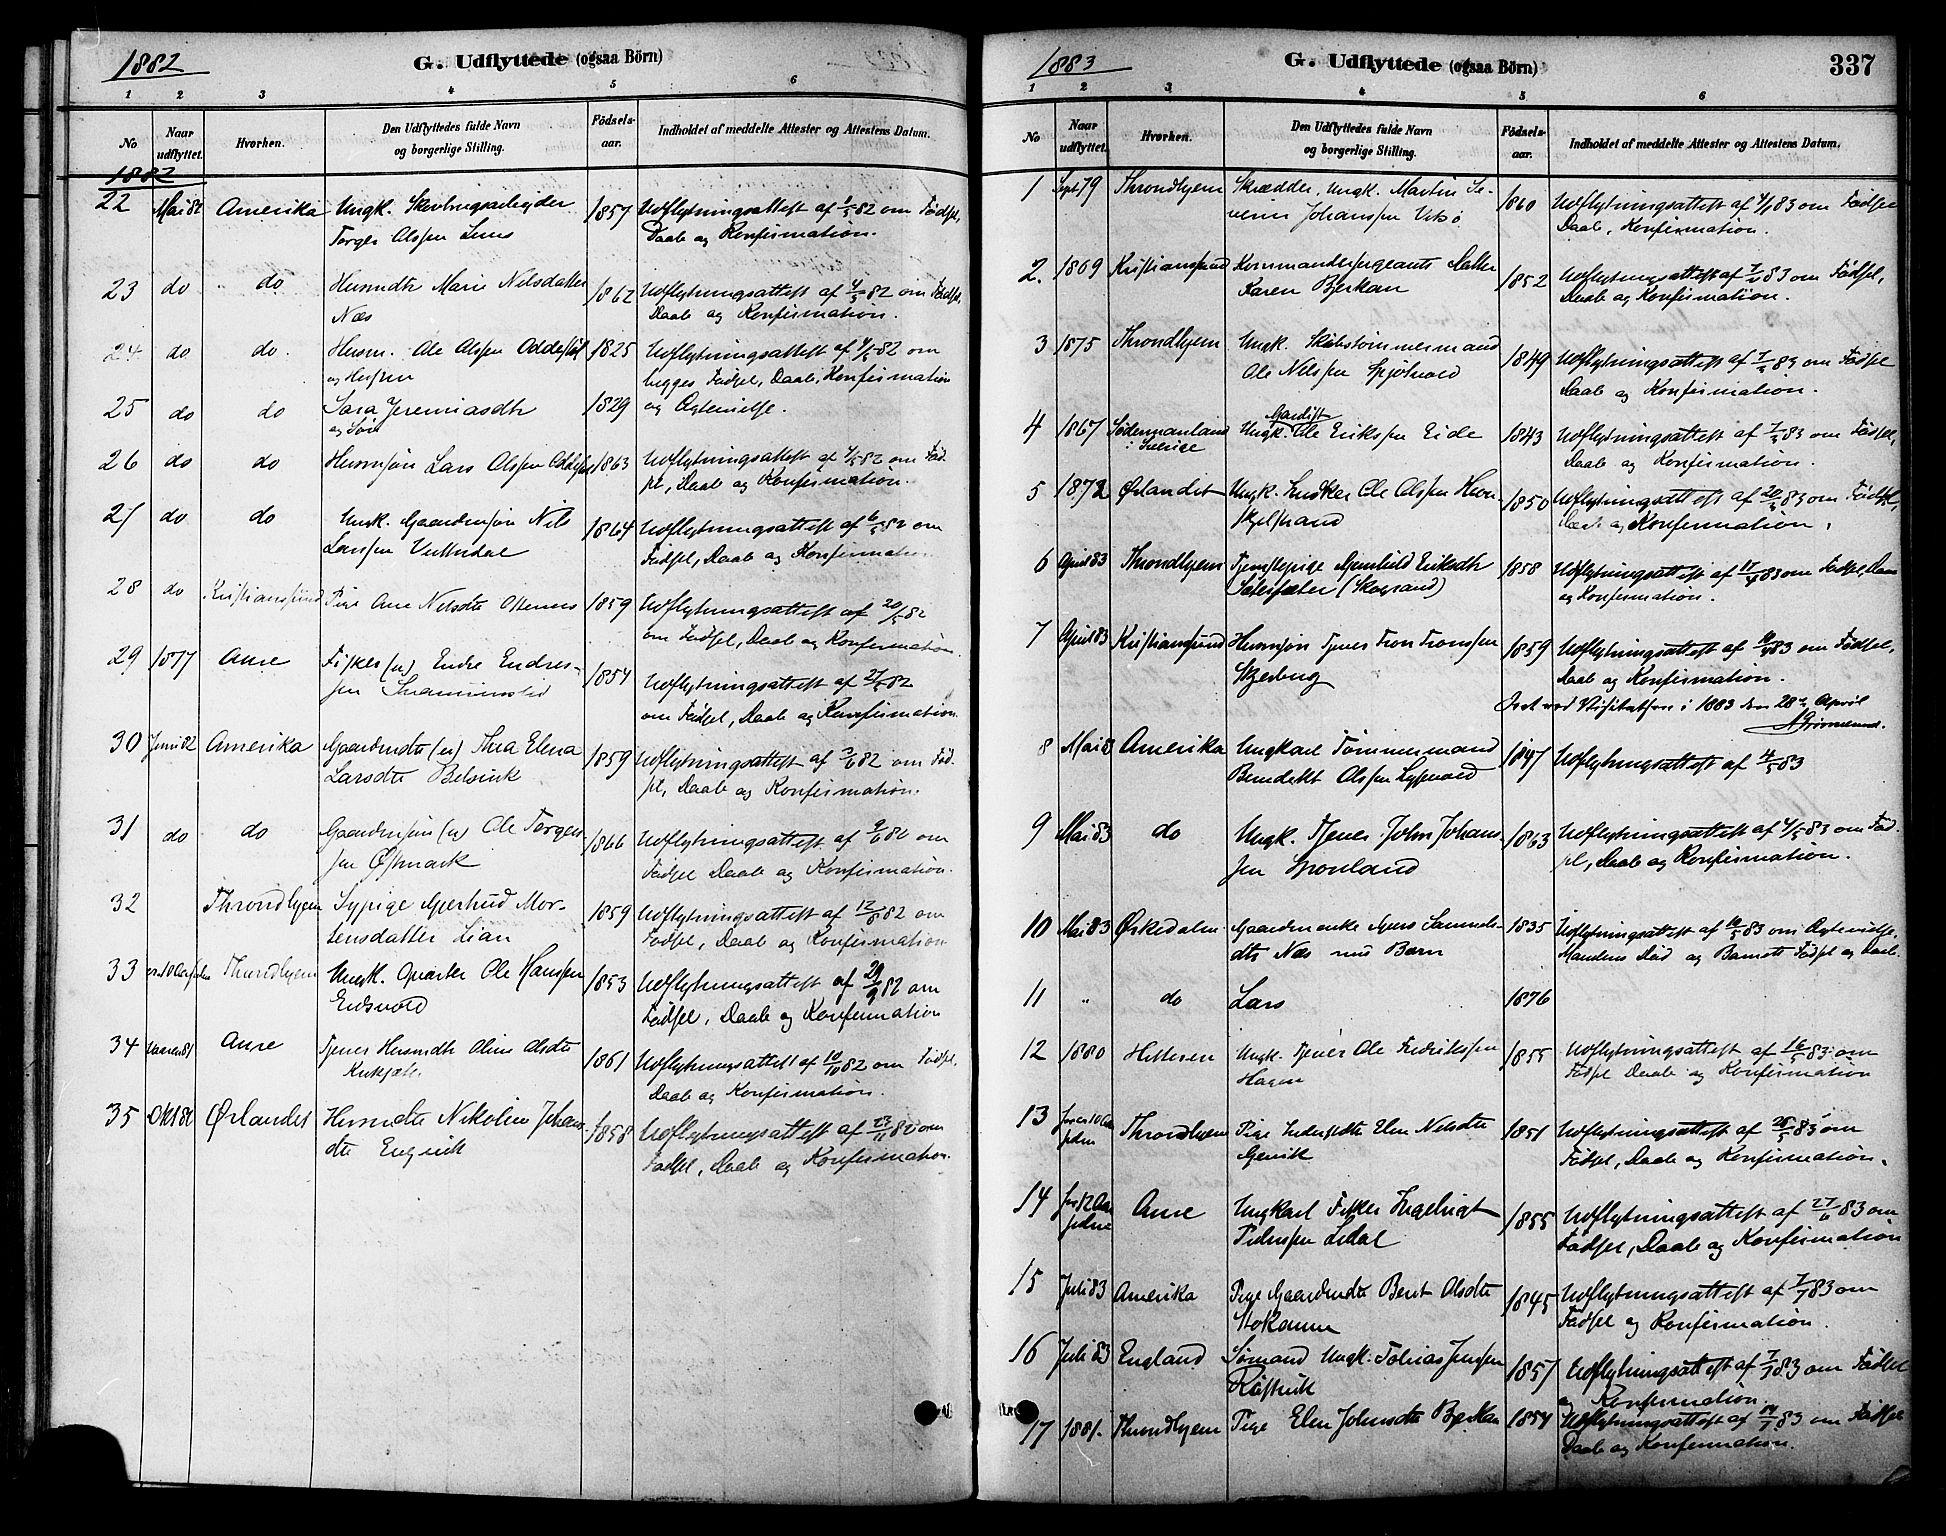 SAT, Ministerialprotokoller, klokkerbøker og fødselsregistre - Sør-Trøndelag, 630/L0496: Ministerialbok nr. 630A09, 1879-1895, s. 337